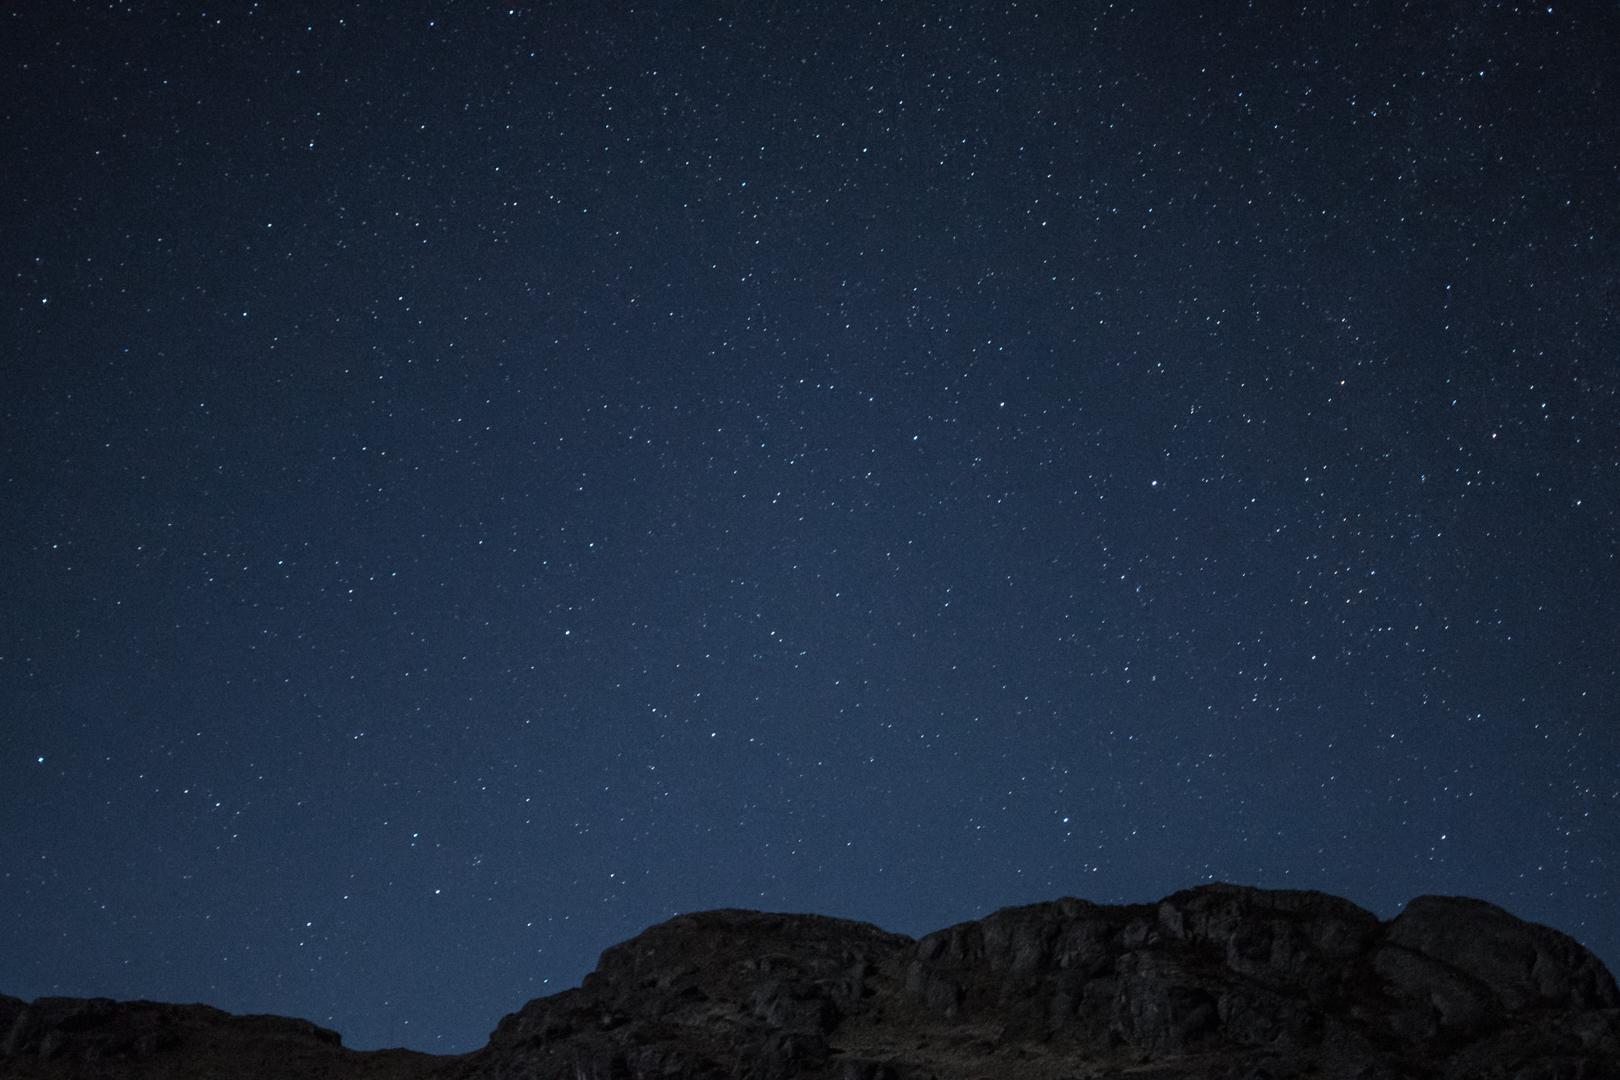 Fotografía nocturna de la Vía Láctea en el Parque Nacional El Cajas